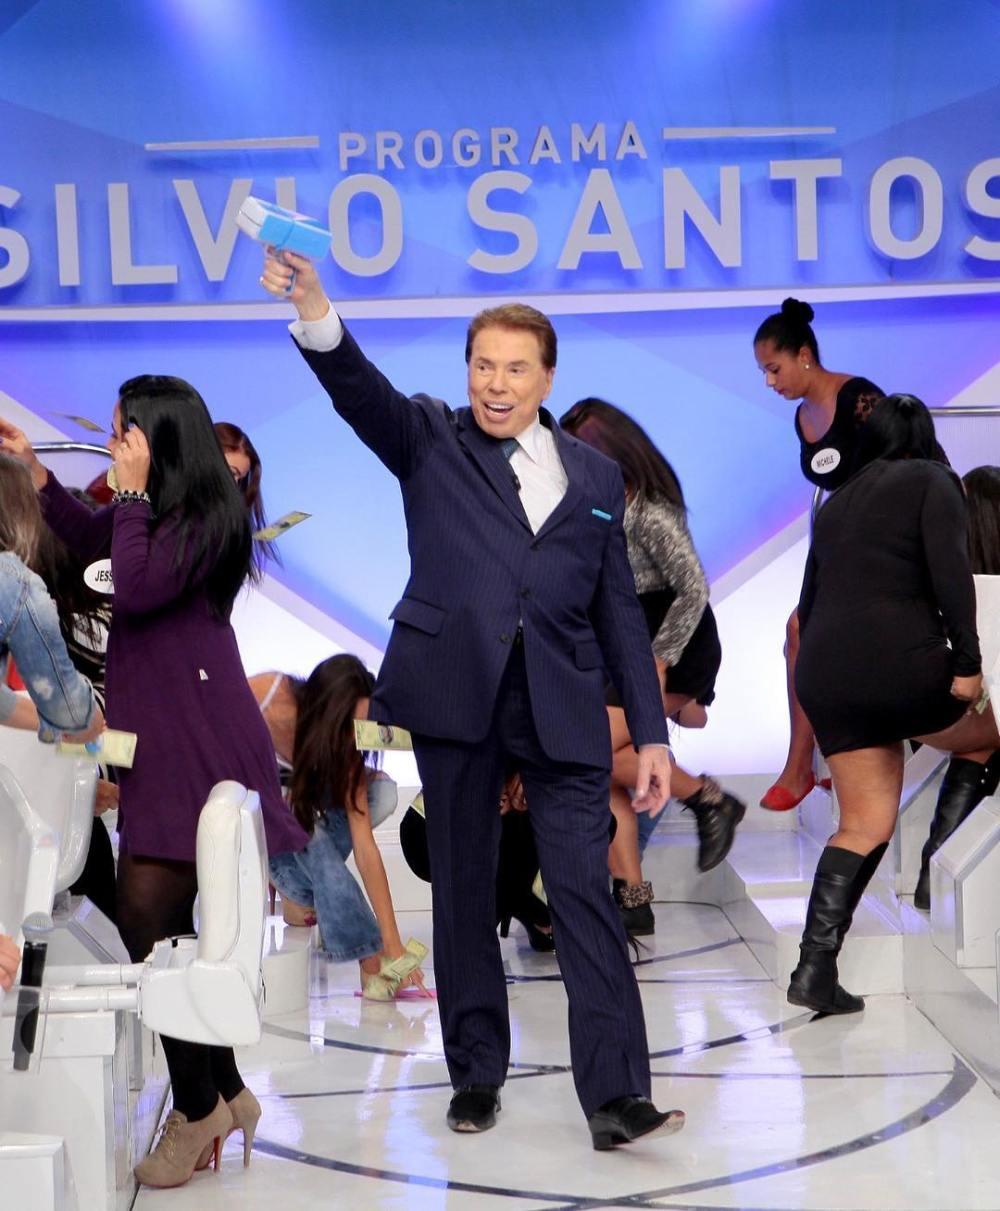 Silvio Santos. Foto: Reprodução/Instagram (@pgmsilviosantos)